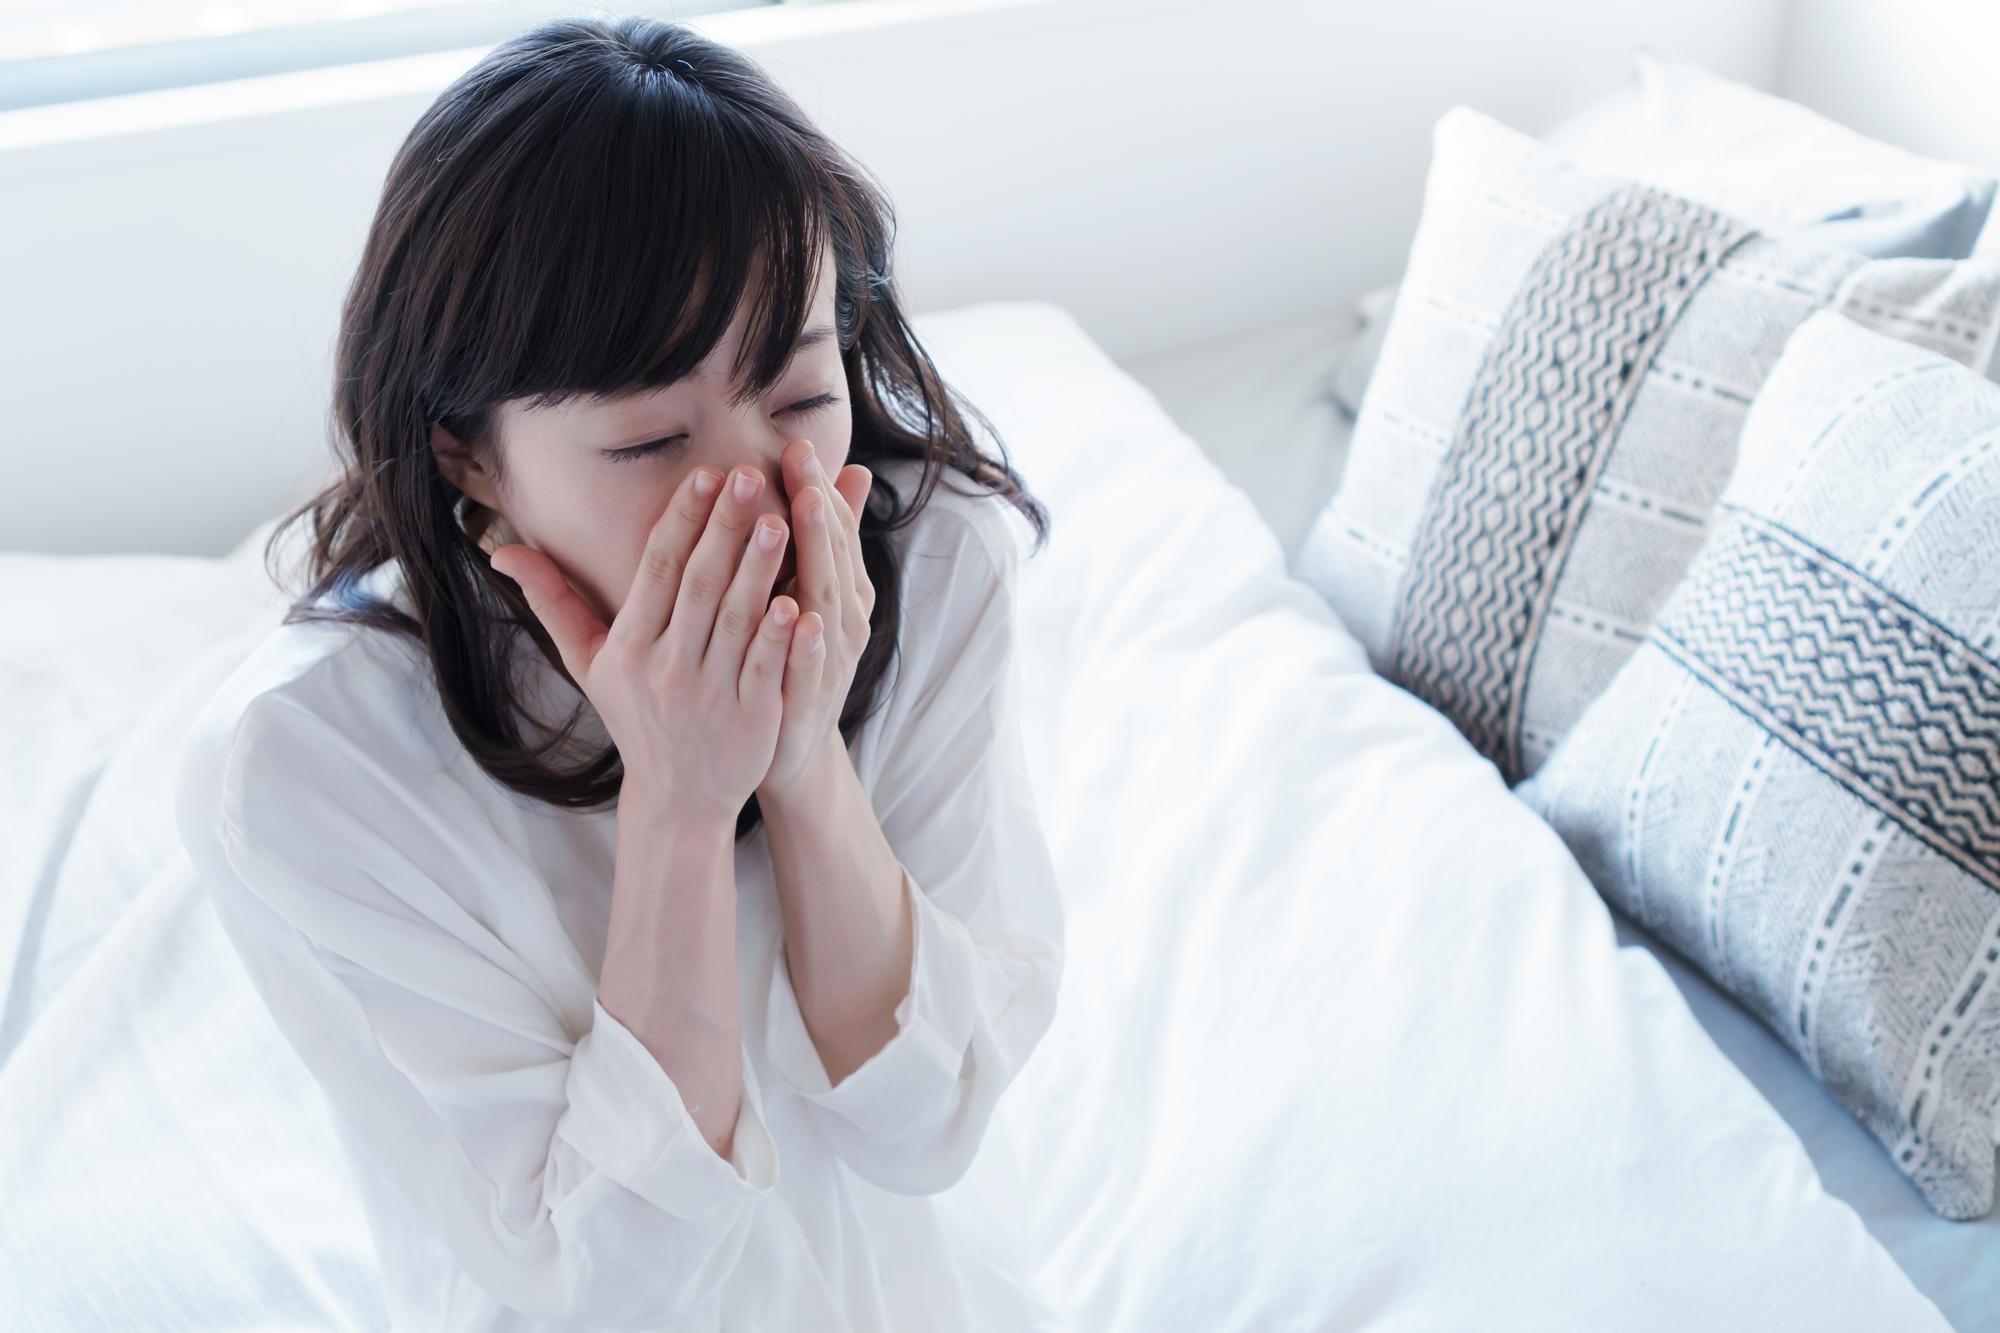 目覚めの口臭を気にする女性